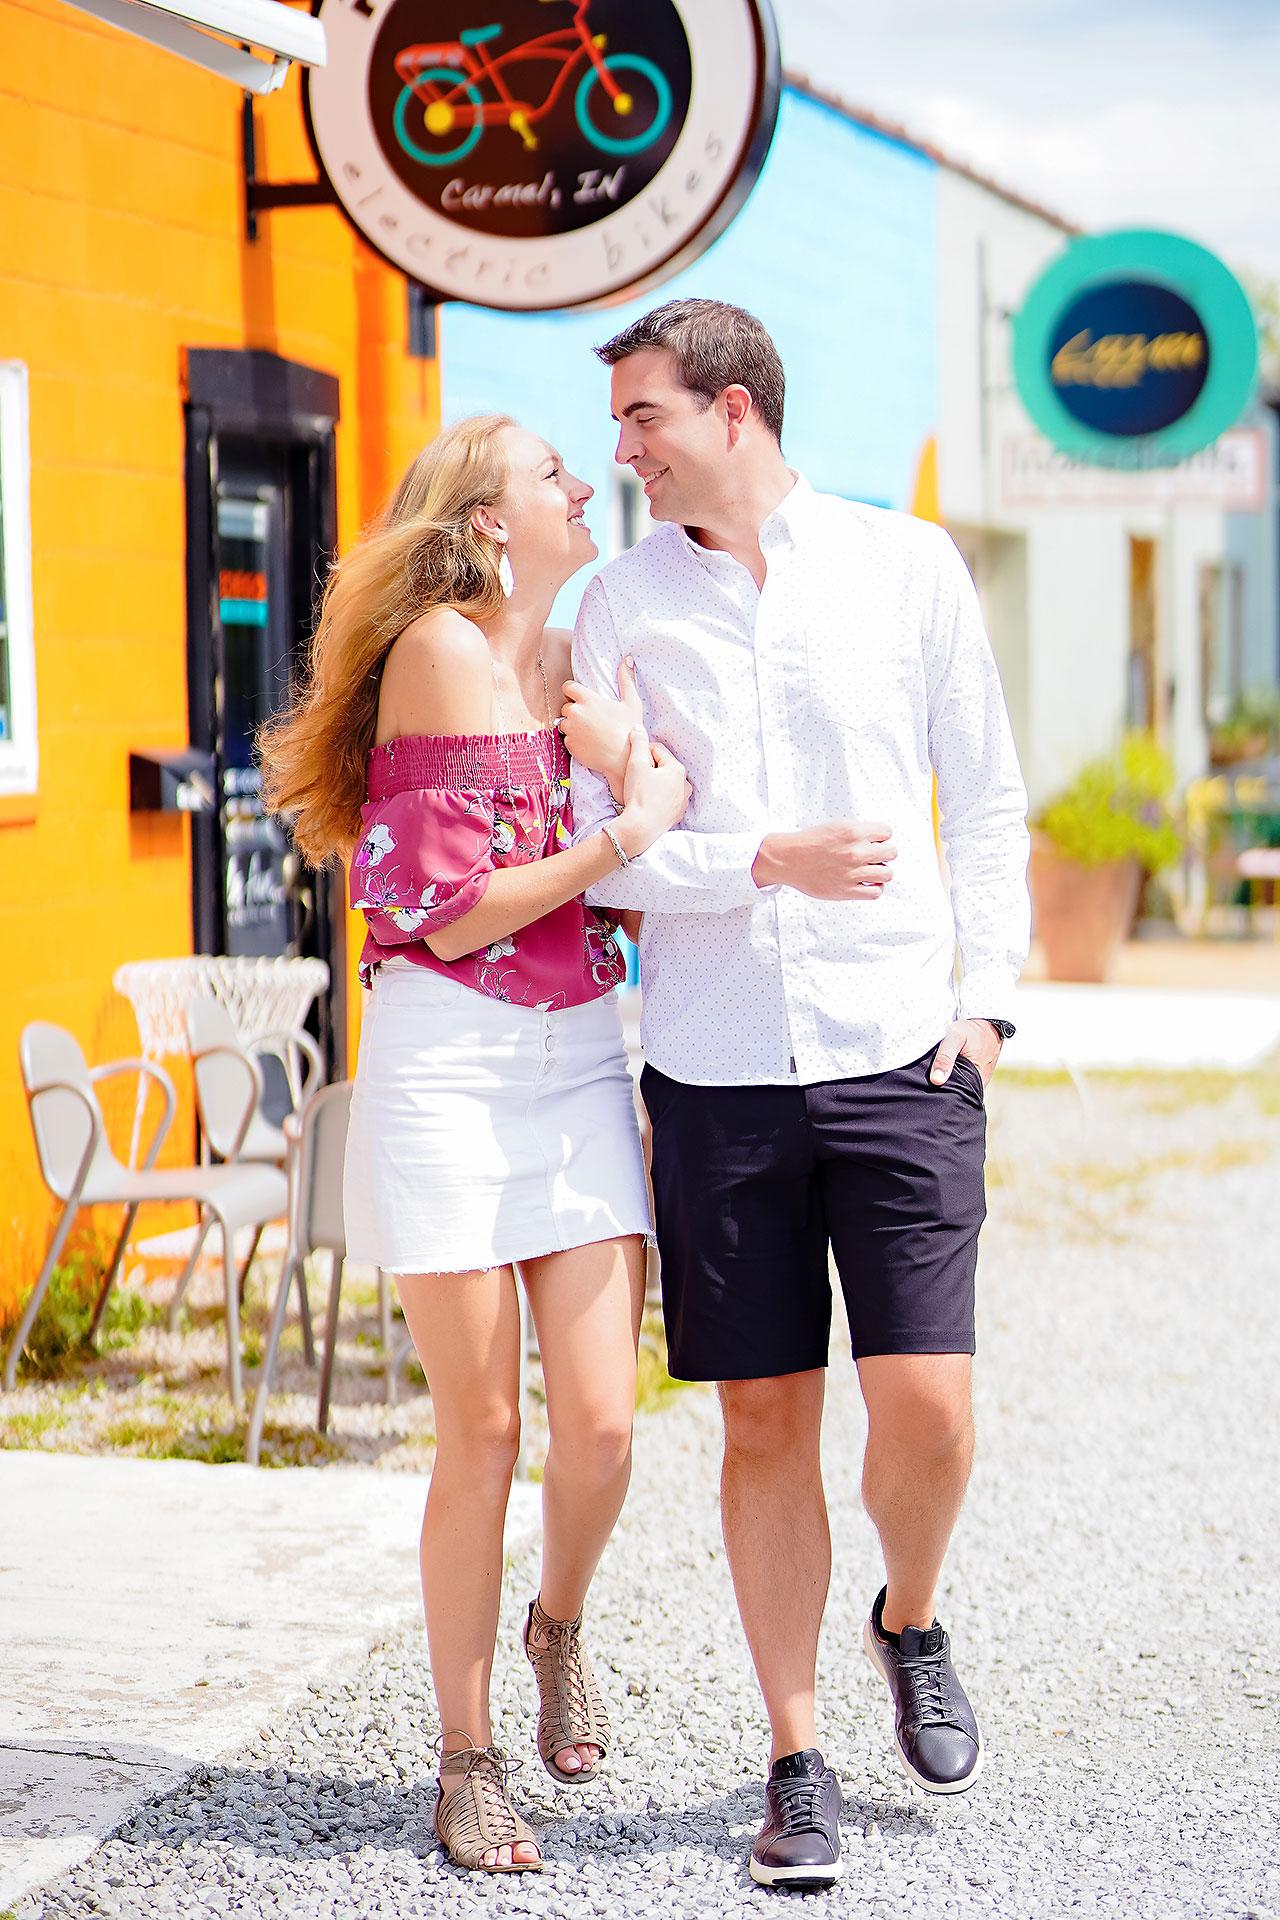 Liz Zach Midtown Carmel Engagement Session 024